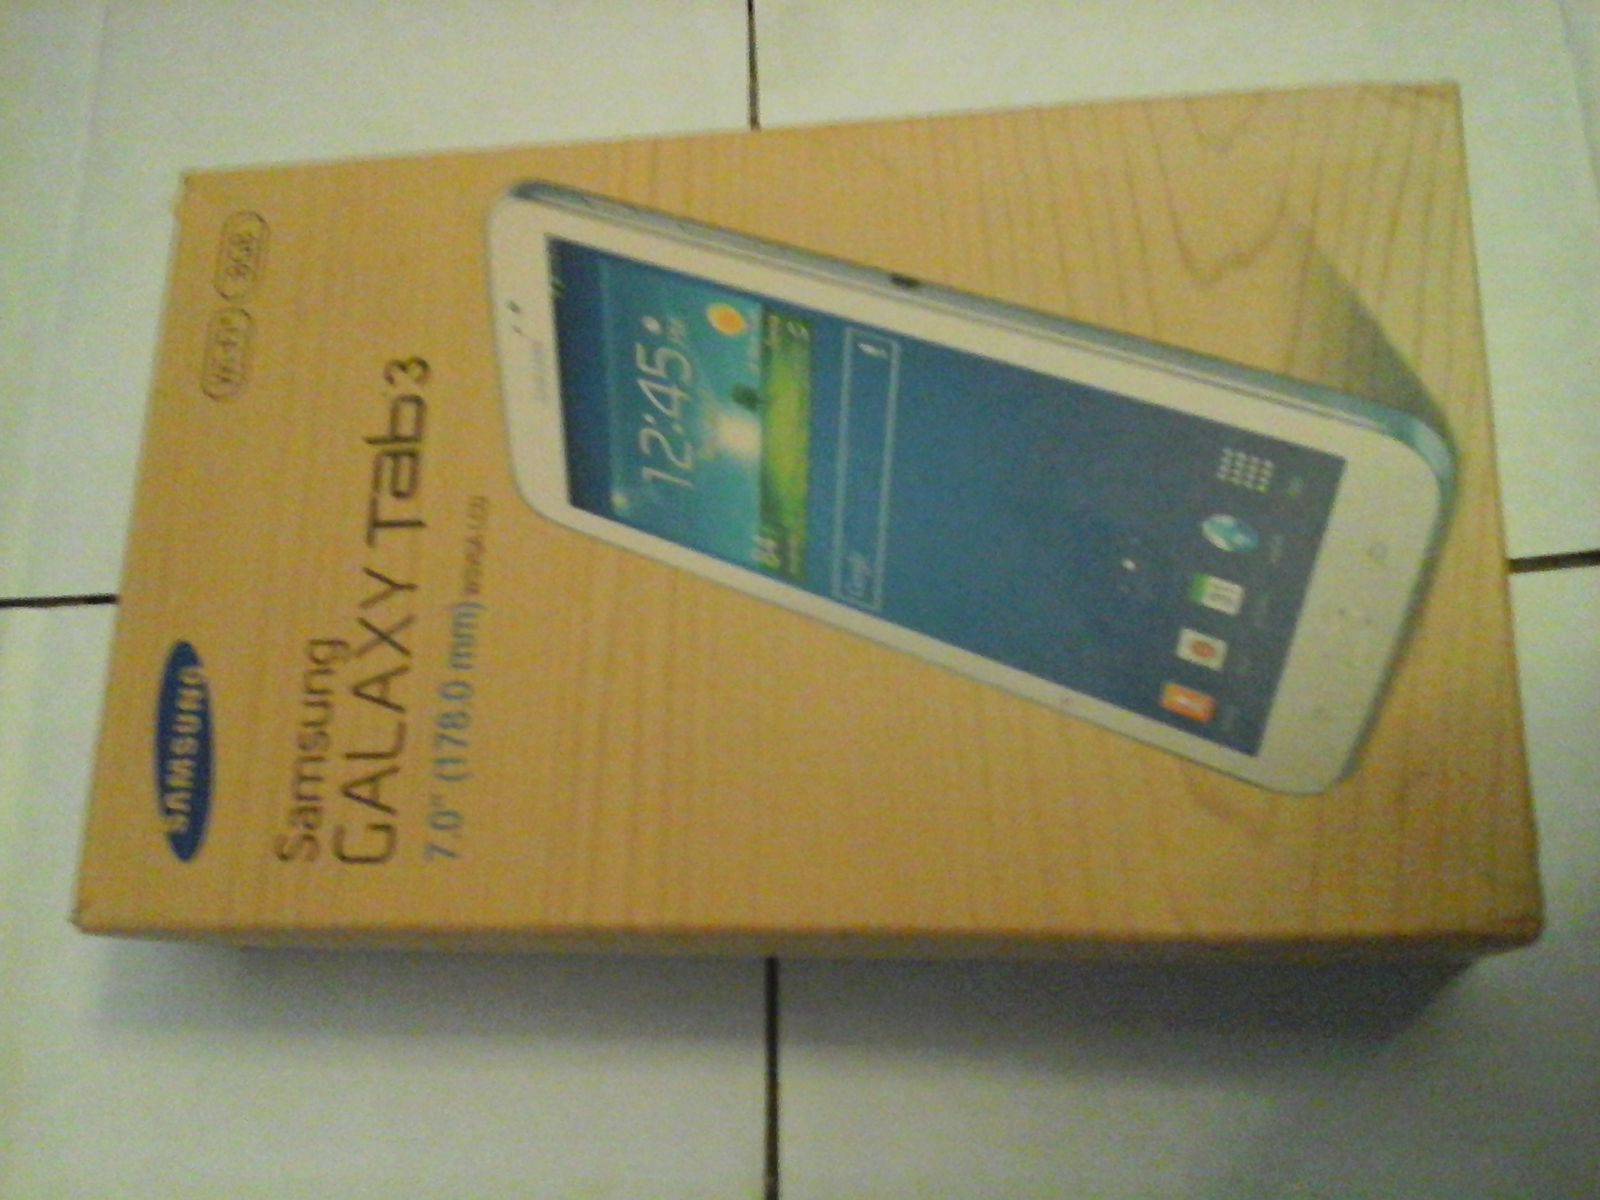 Samsung Galaxy Tab 3 SM-T210 8GB, Wi-Fi, 7in - White Used